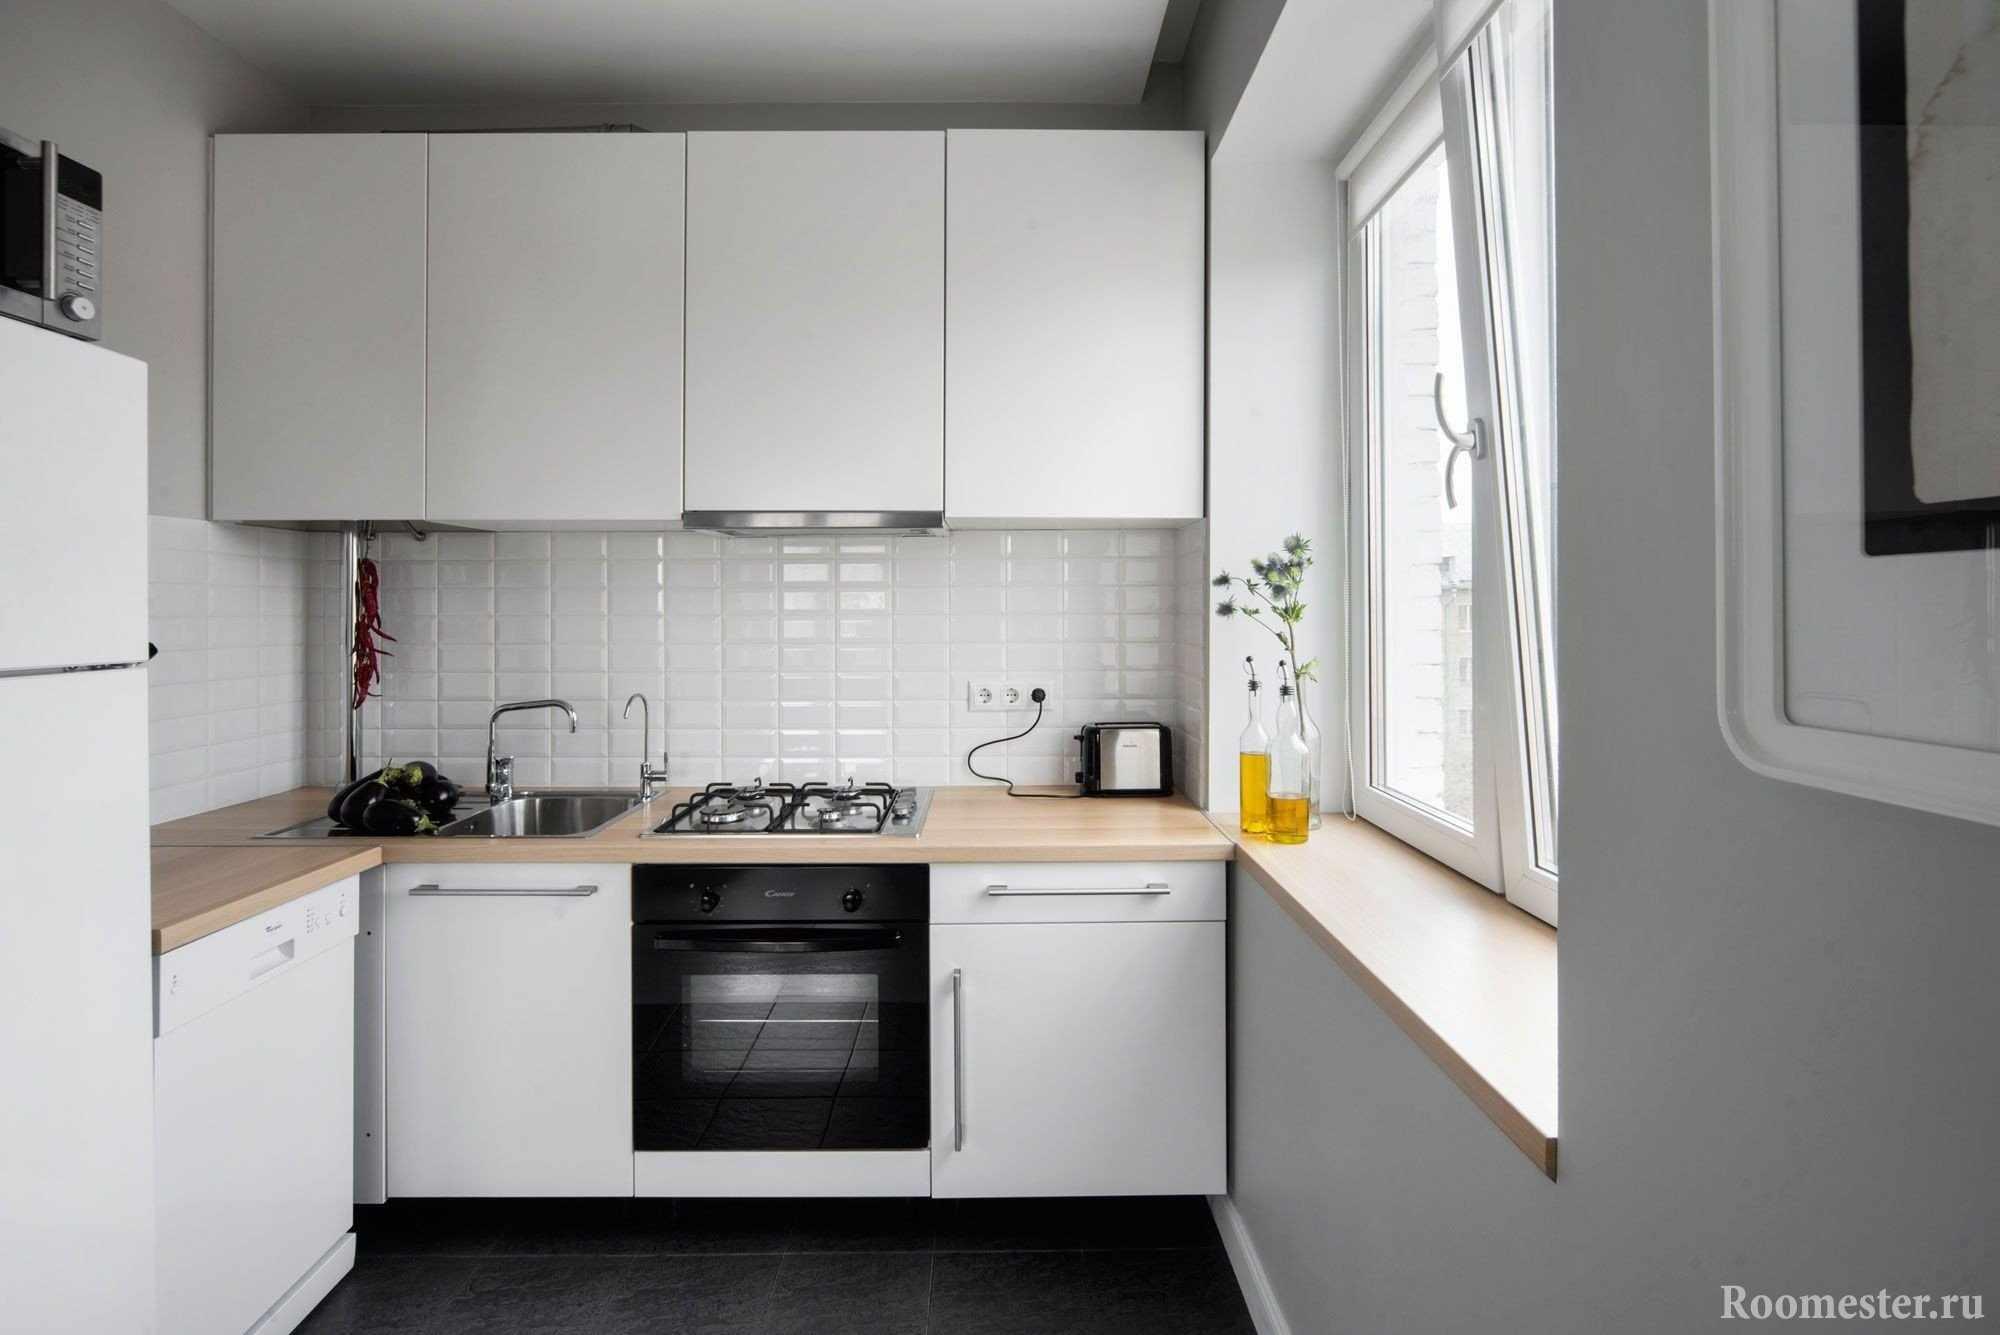 Комфортная кухня с окном